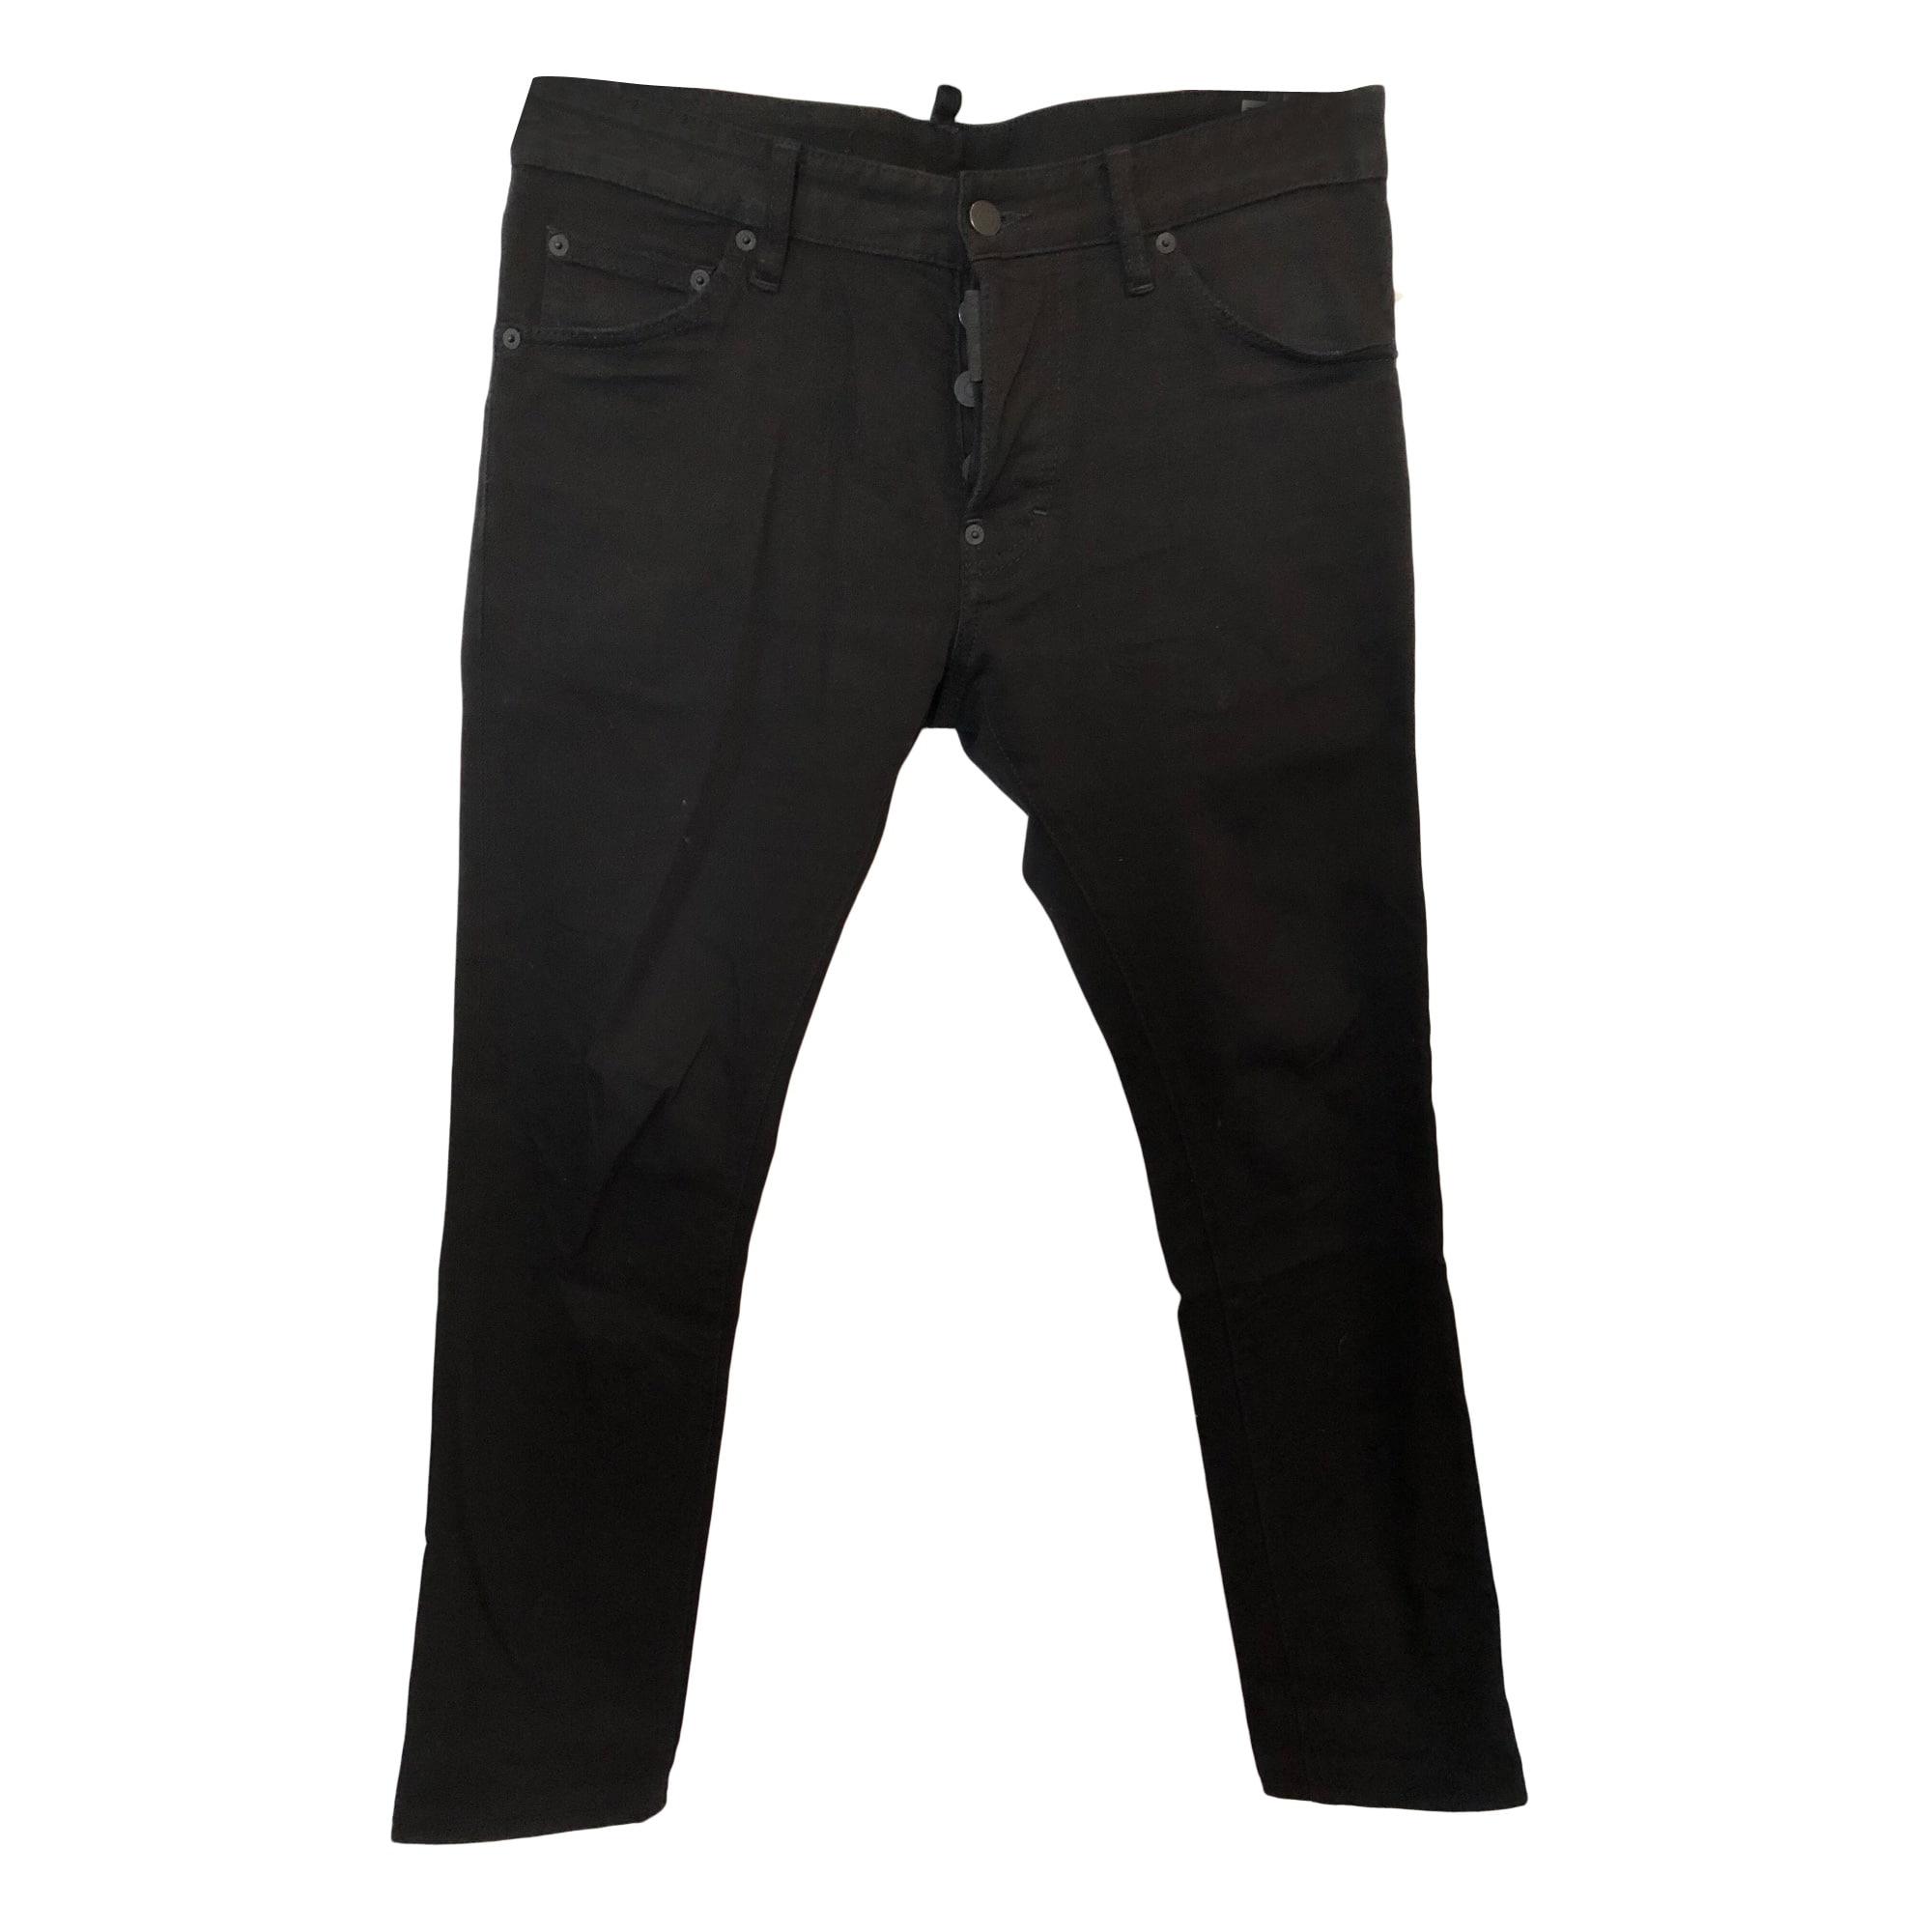 Jeans slim DSQUARED Autre noir vendu par Duo-luxe - 7513675 2b0db7d54d4